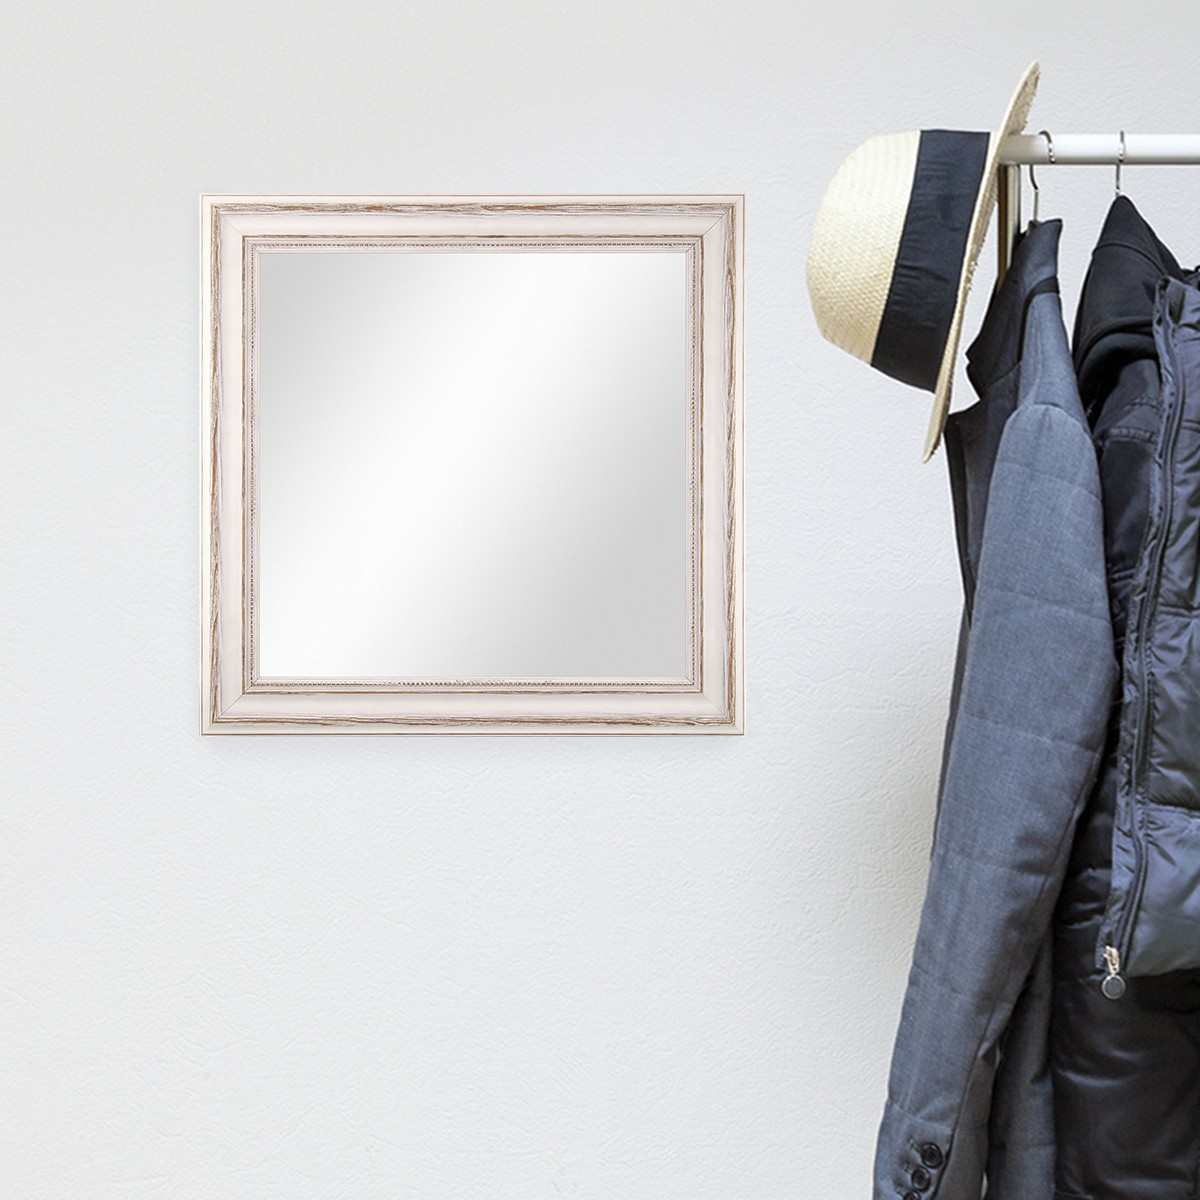 Wand spiegel 60x60 cm im massivholz rahmen landhaus stil for Spiegel 60x60